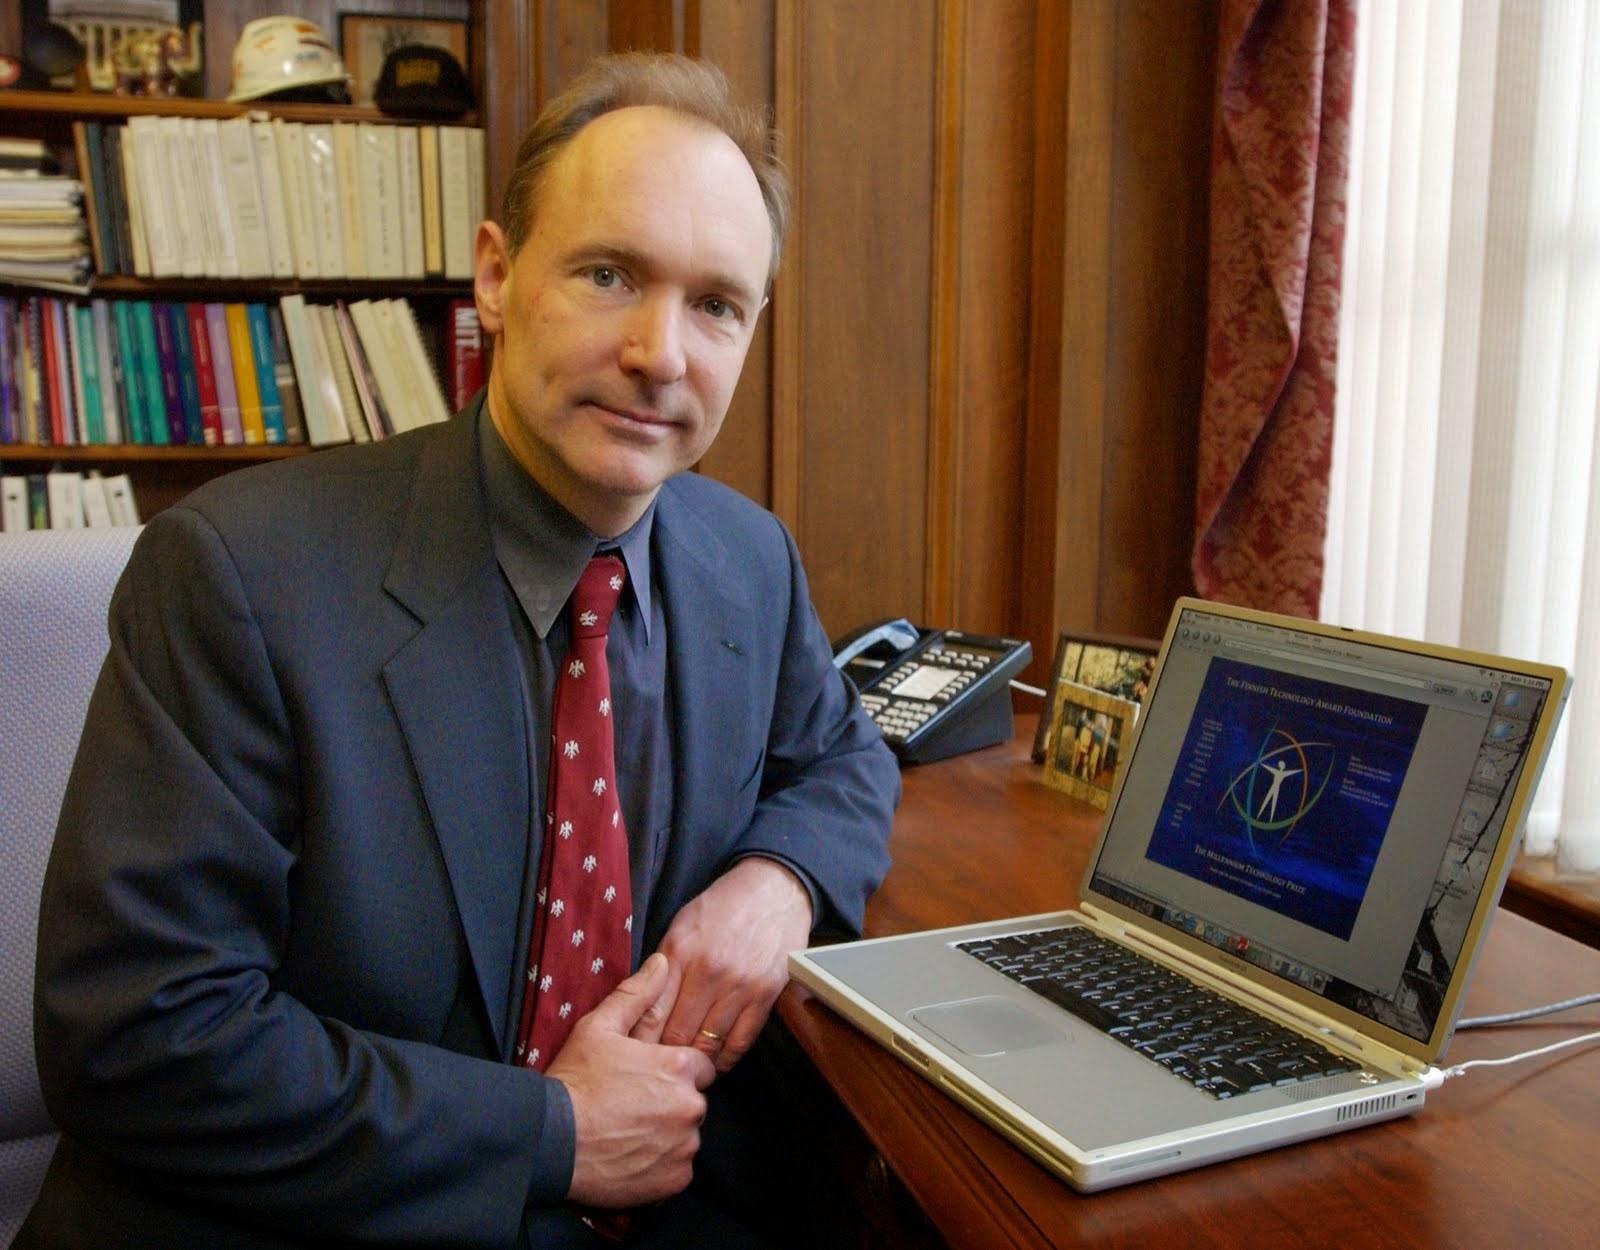 Тим Бернерс-Ли: современный Интернет должен быть децентрализован и защищен шифрованием - 2